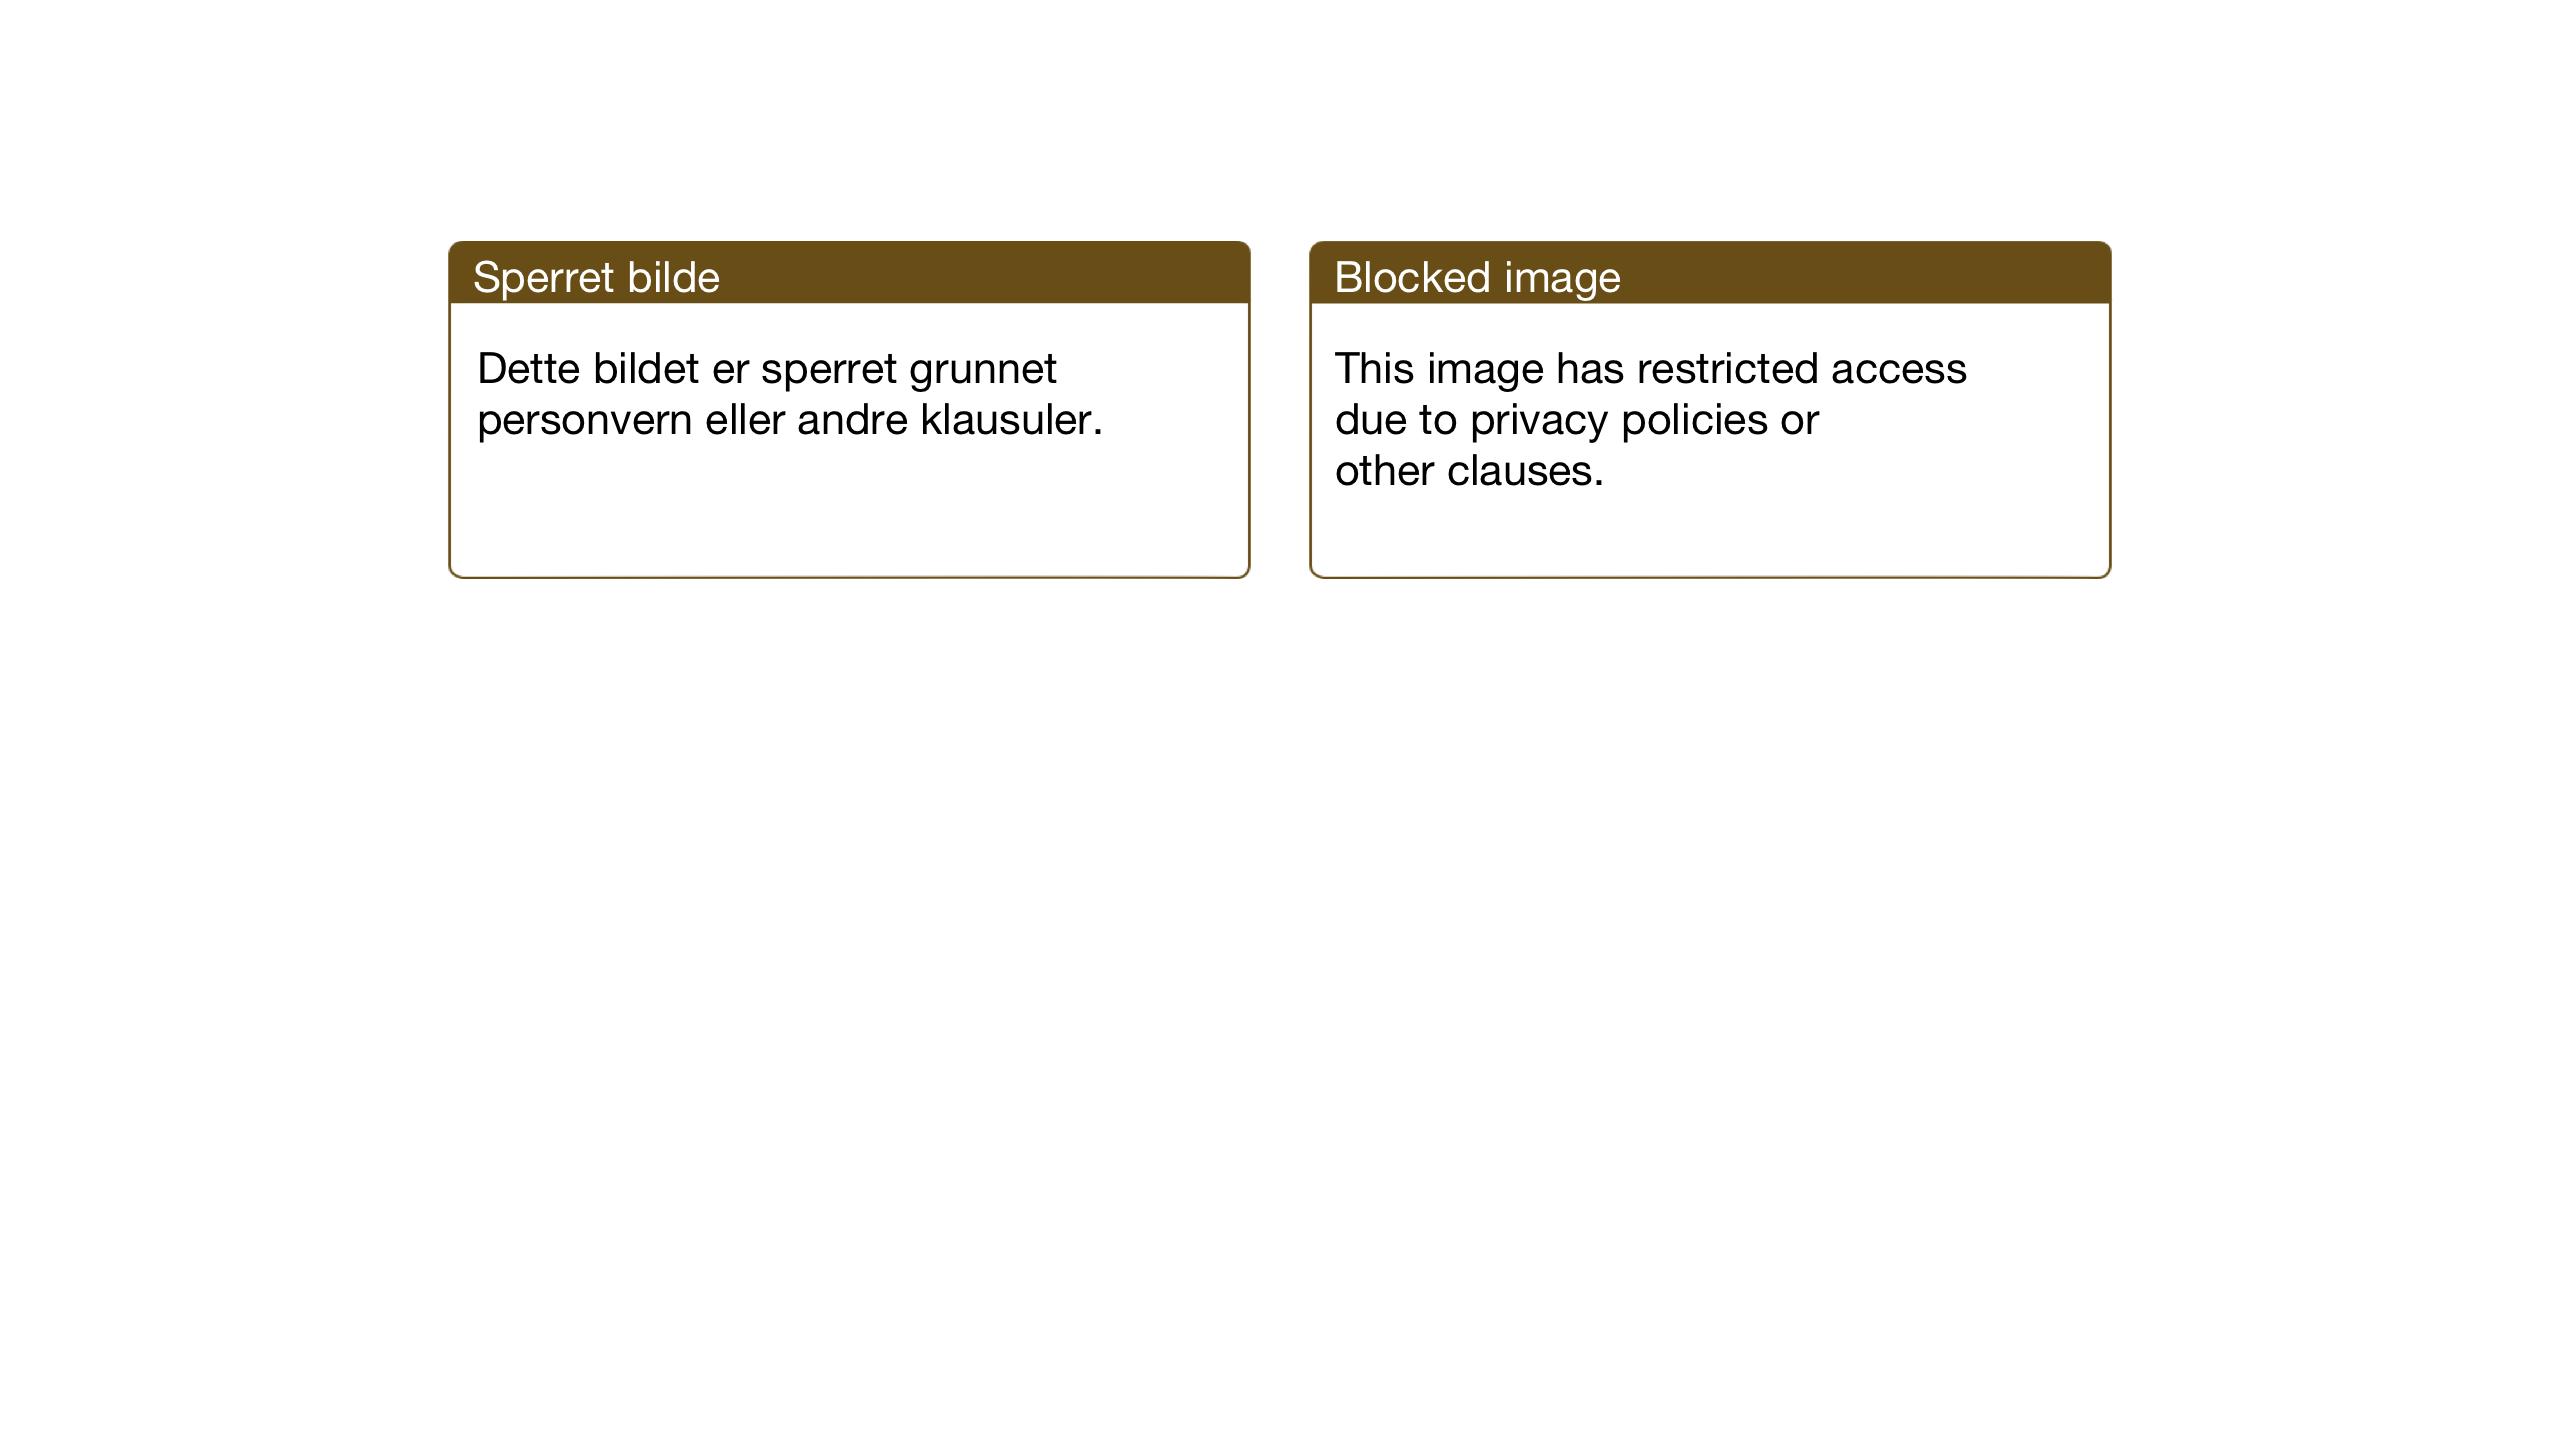 SAT, Ministerialprotokoller, klokkerbøker og fødselsregistre - Sør-Trøndelag, 682/L0947: Klokkerbok nr. 682C01, 1926-1968, s. 51